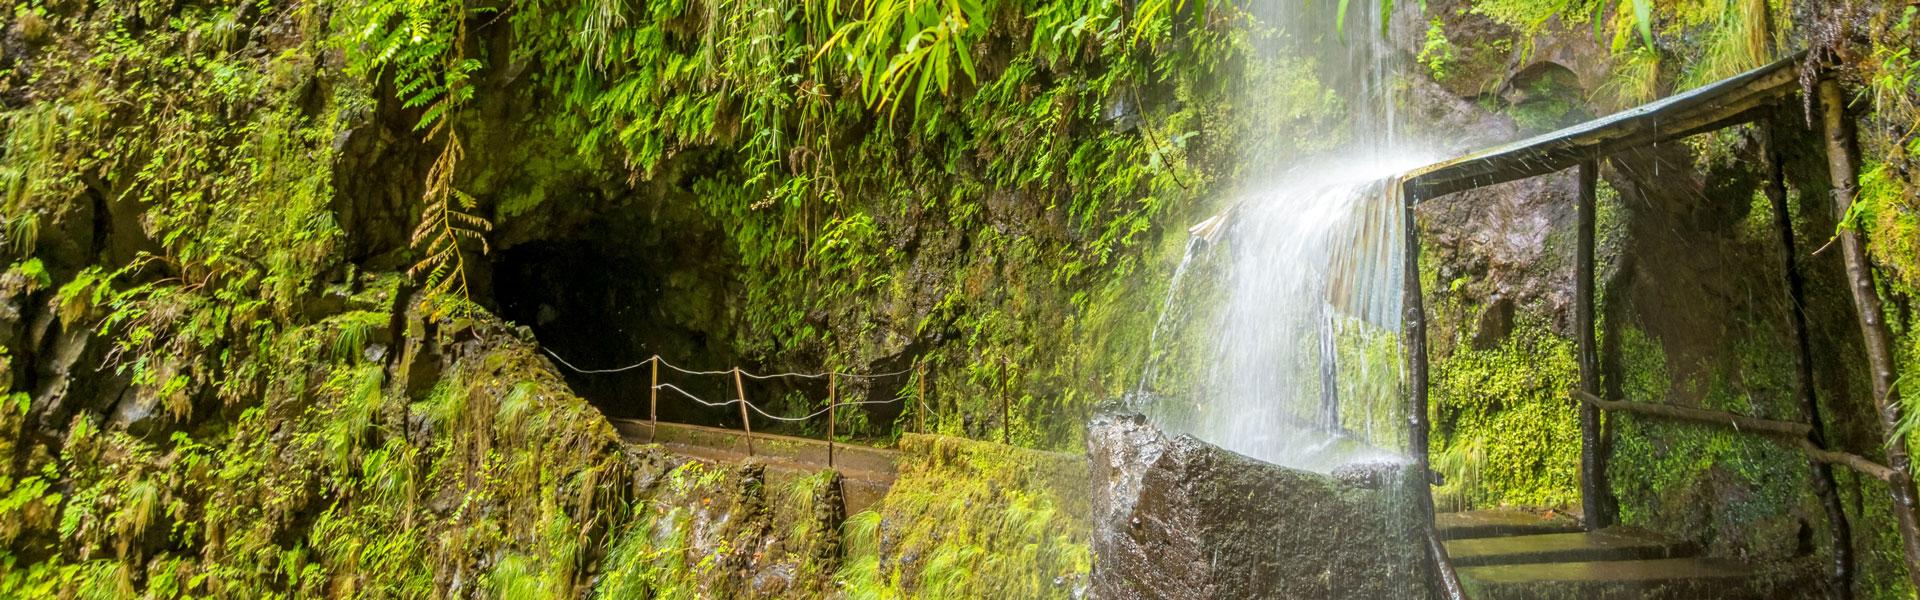 Wasserfall und Levadas auf Madeira - tropische Kulisse bei der Incentive Reise von b-ceed